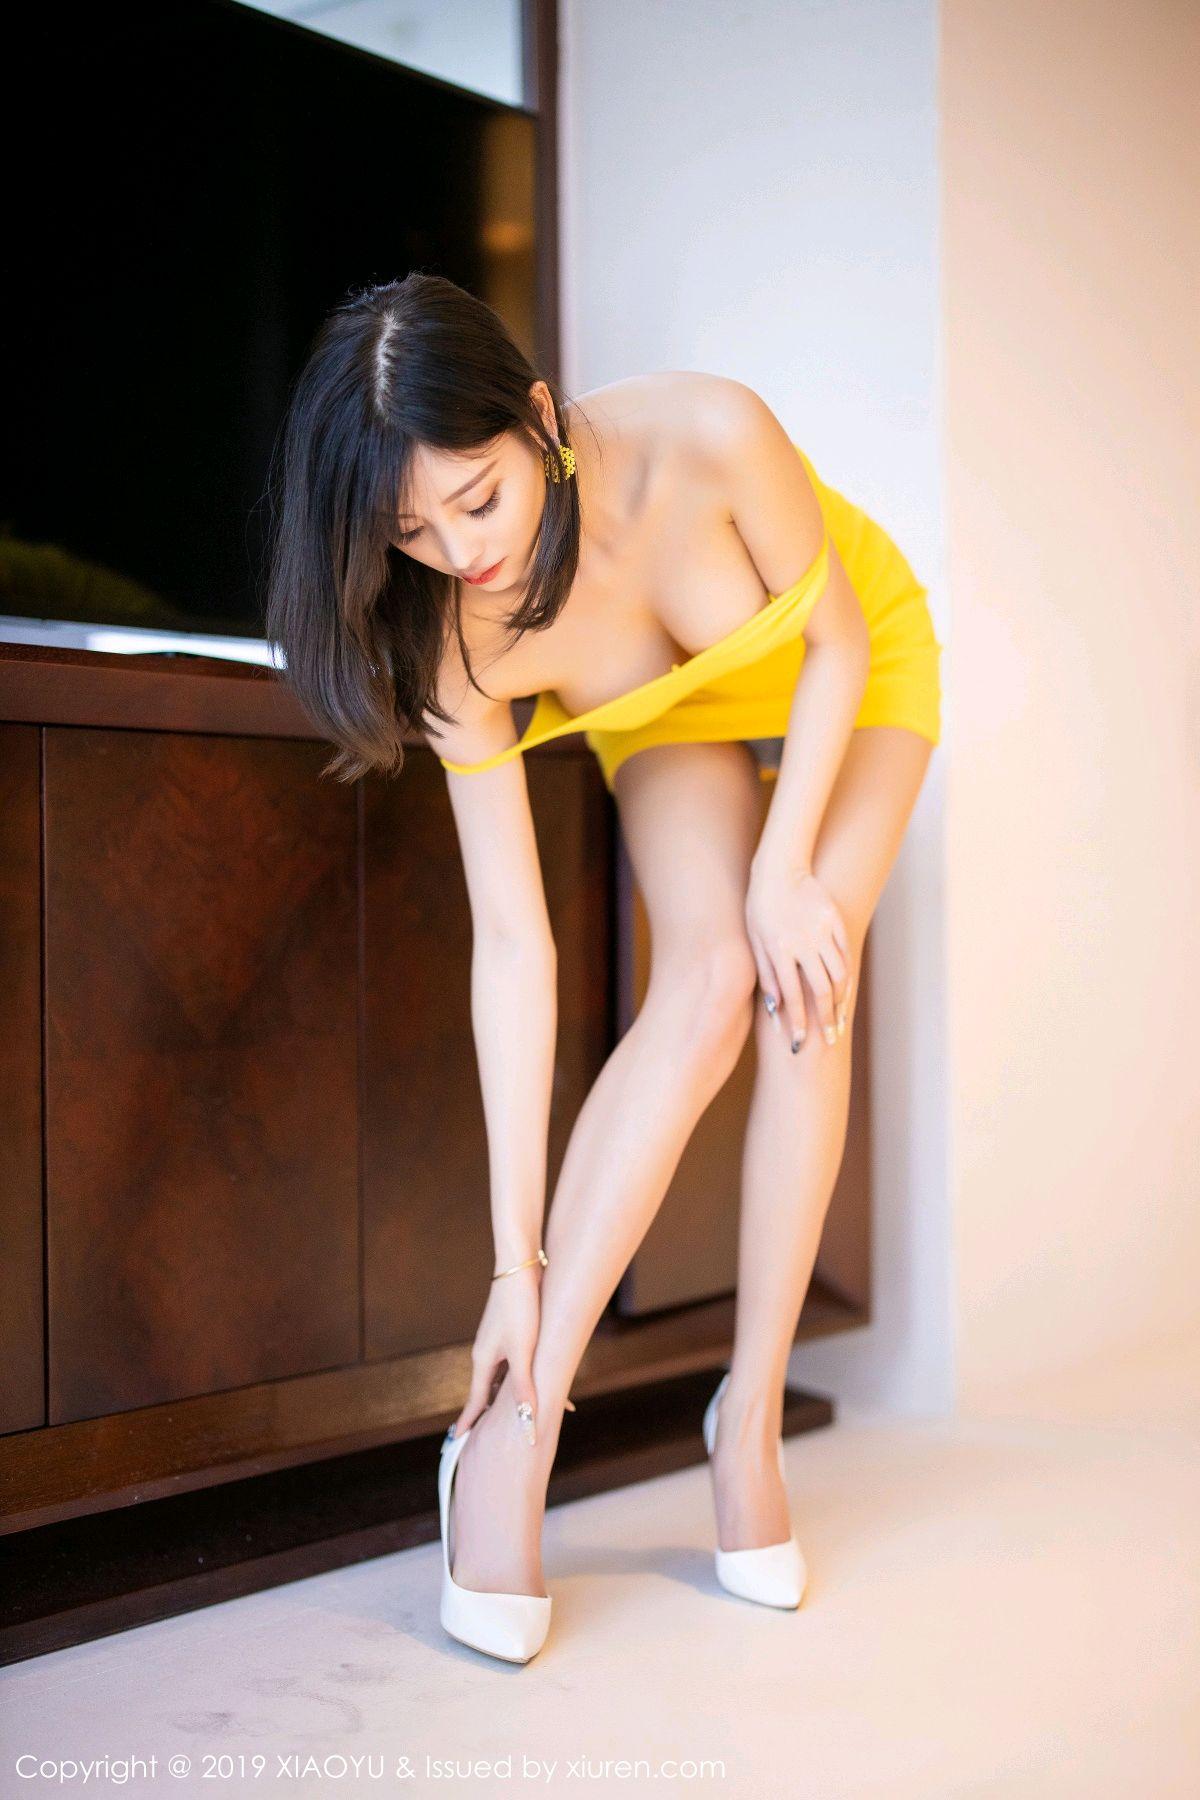 [XiaoYu] VOL.204 Yang Chen Chen 33P, Pure, XiaoYu, Yang Chen Chen